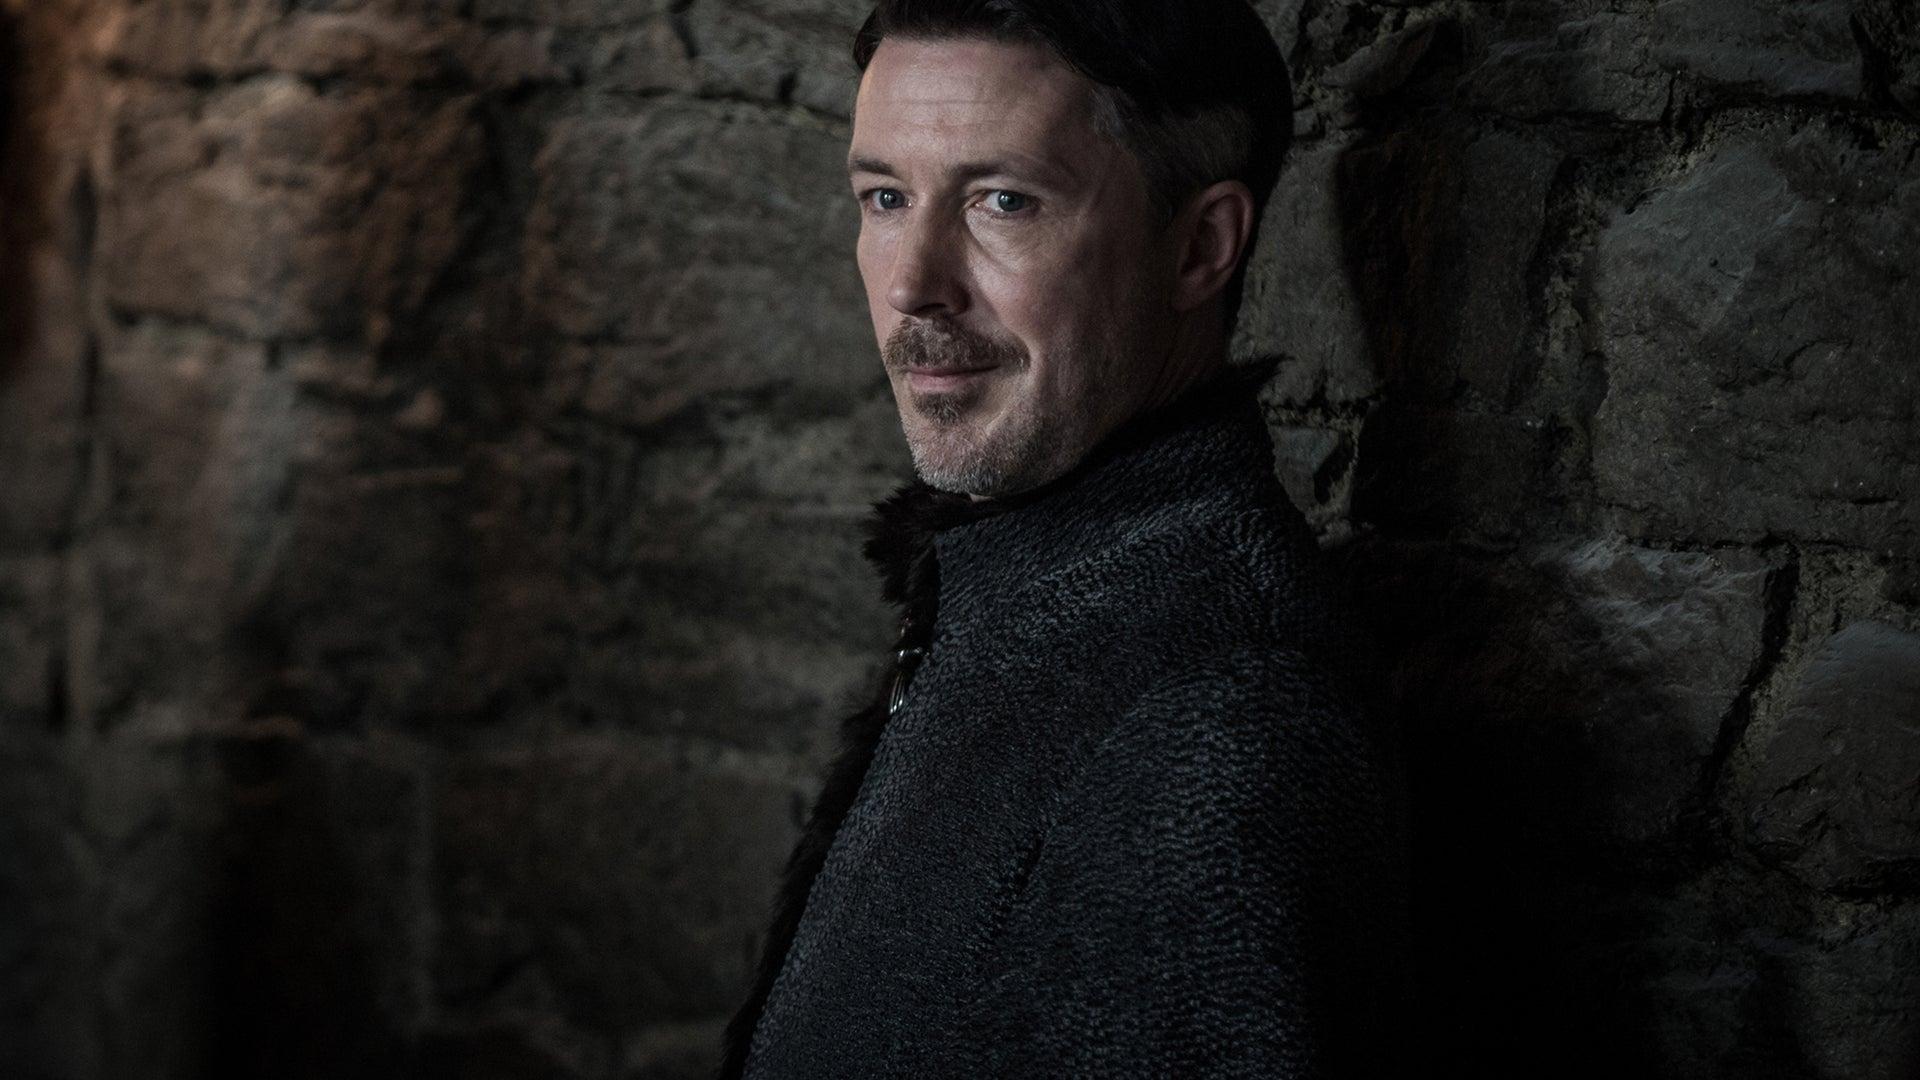 Aidan Gillen, Game of Thrones